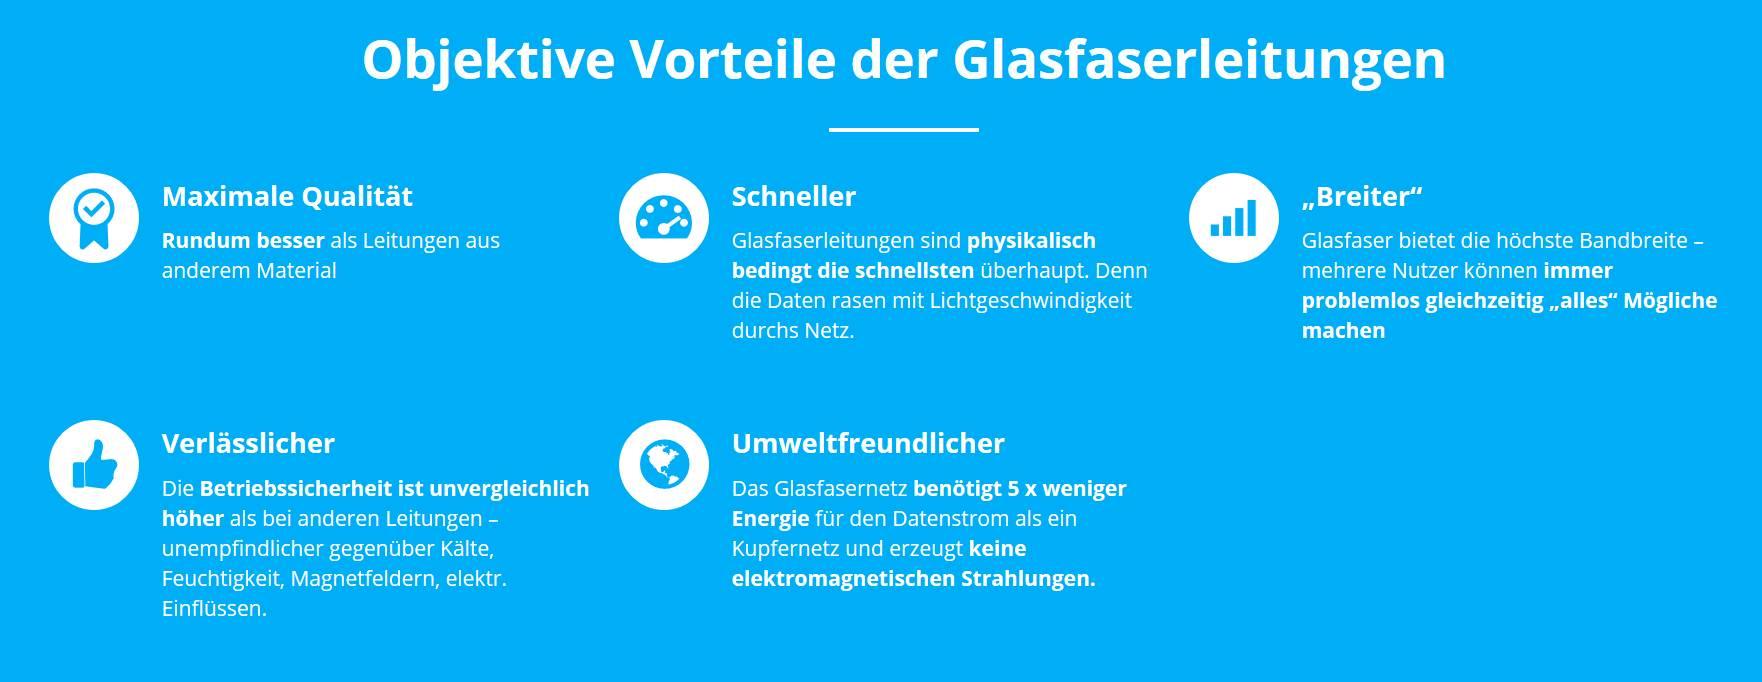 deutsche-glasfaser-vorteile